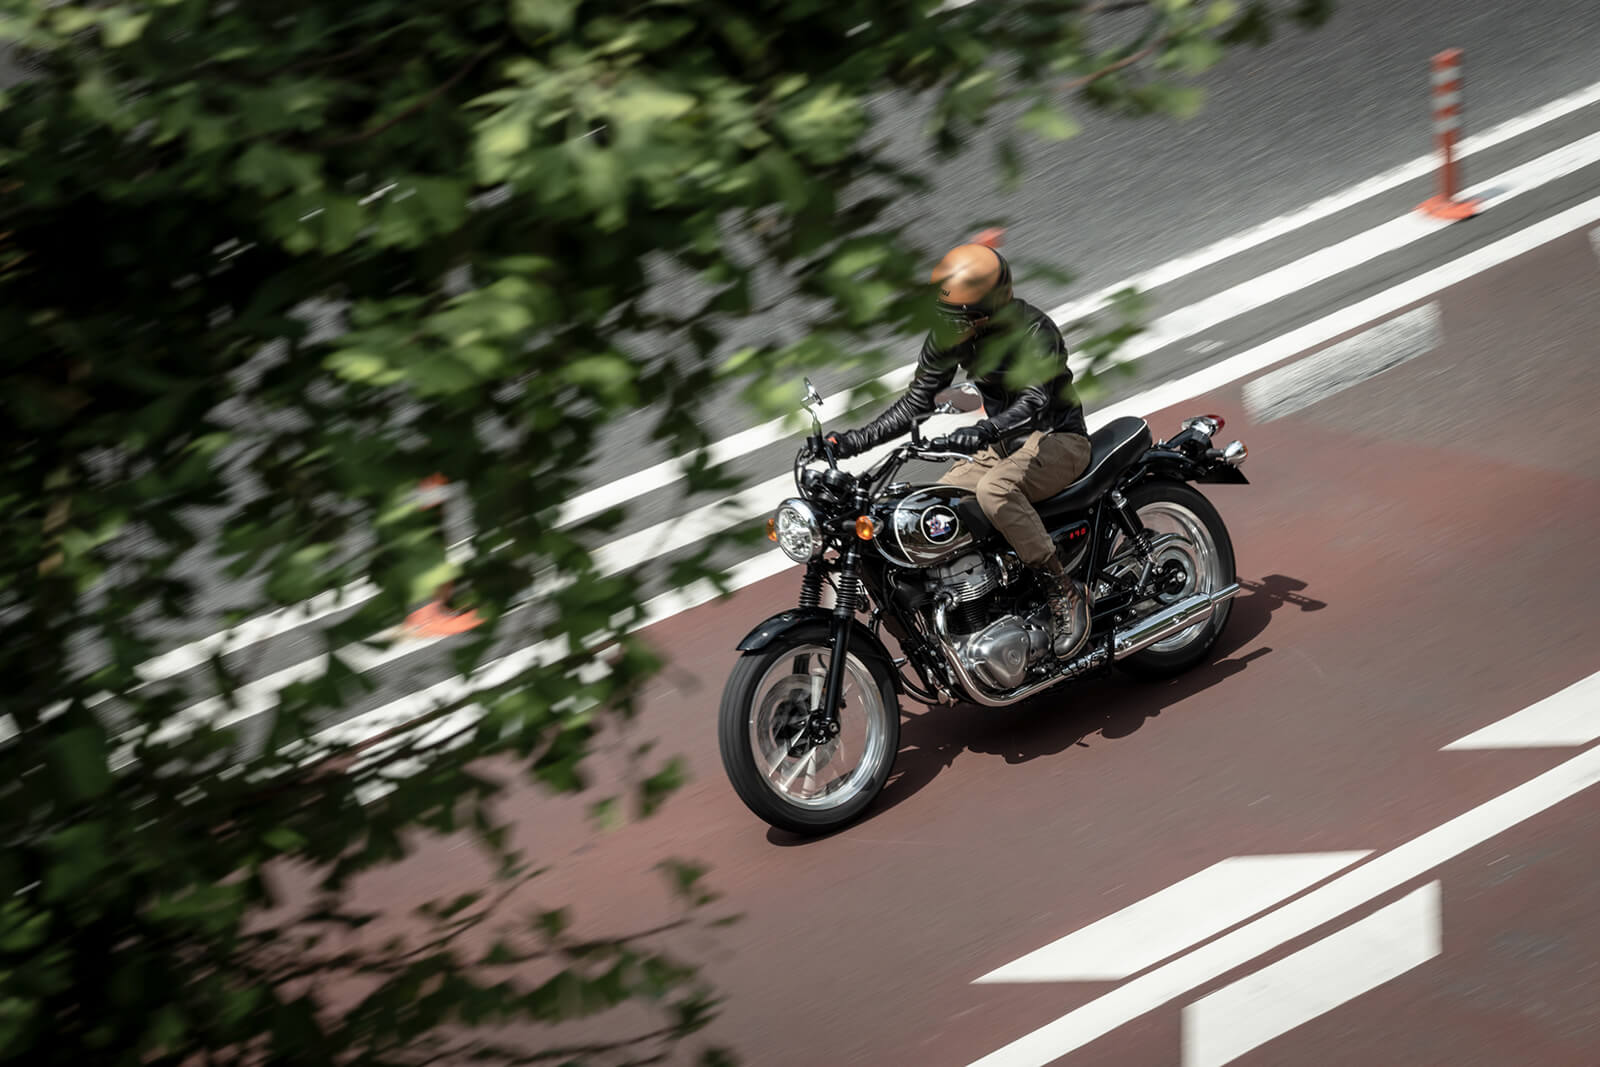 Kawasaki возрождает бренд Meguro с моделью K3